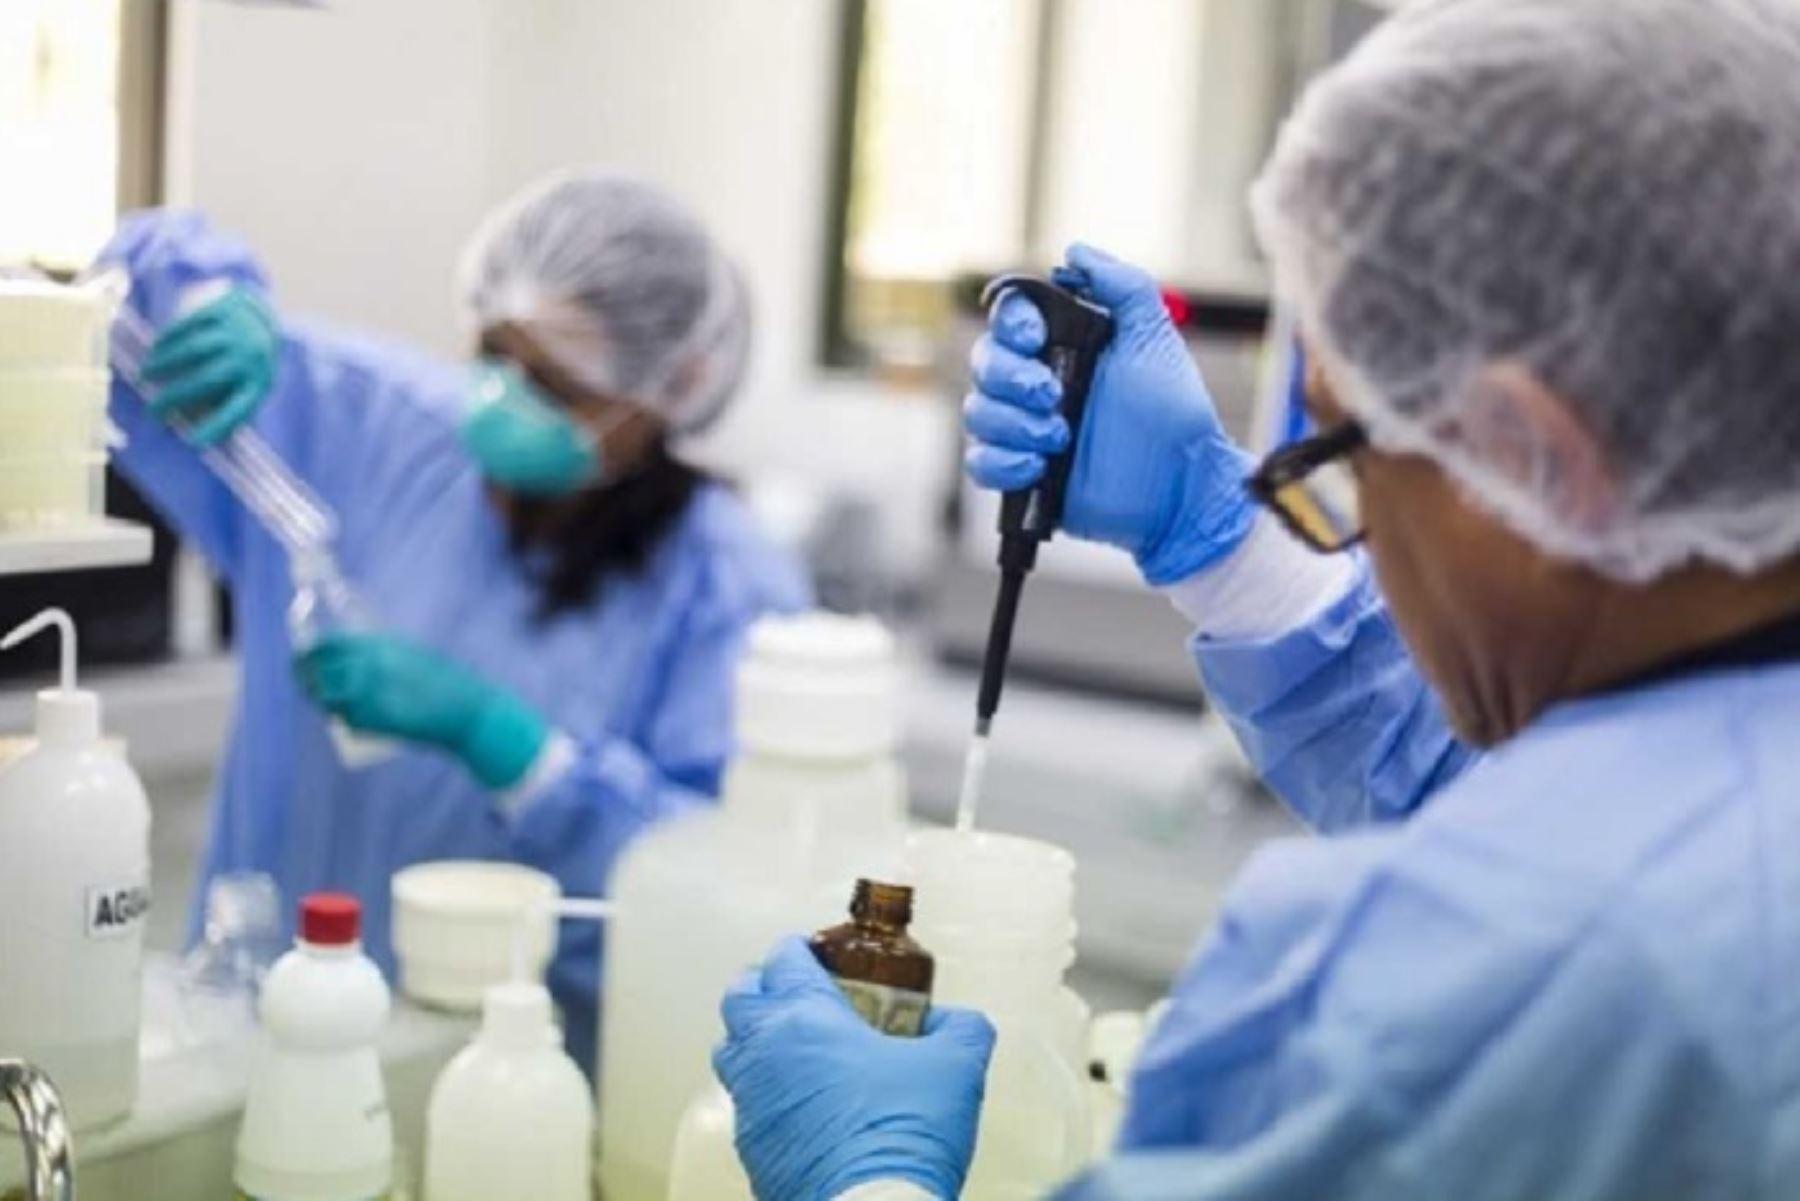 Sindrome de Guillain - Barré: especialista opina tras alerta epidemiológica del Minsa